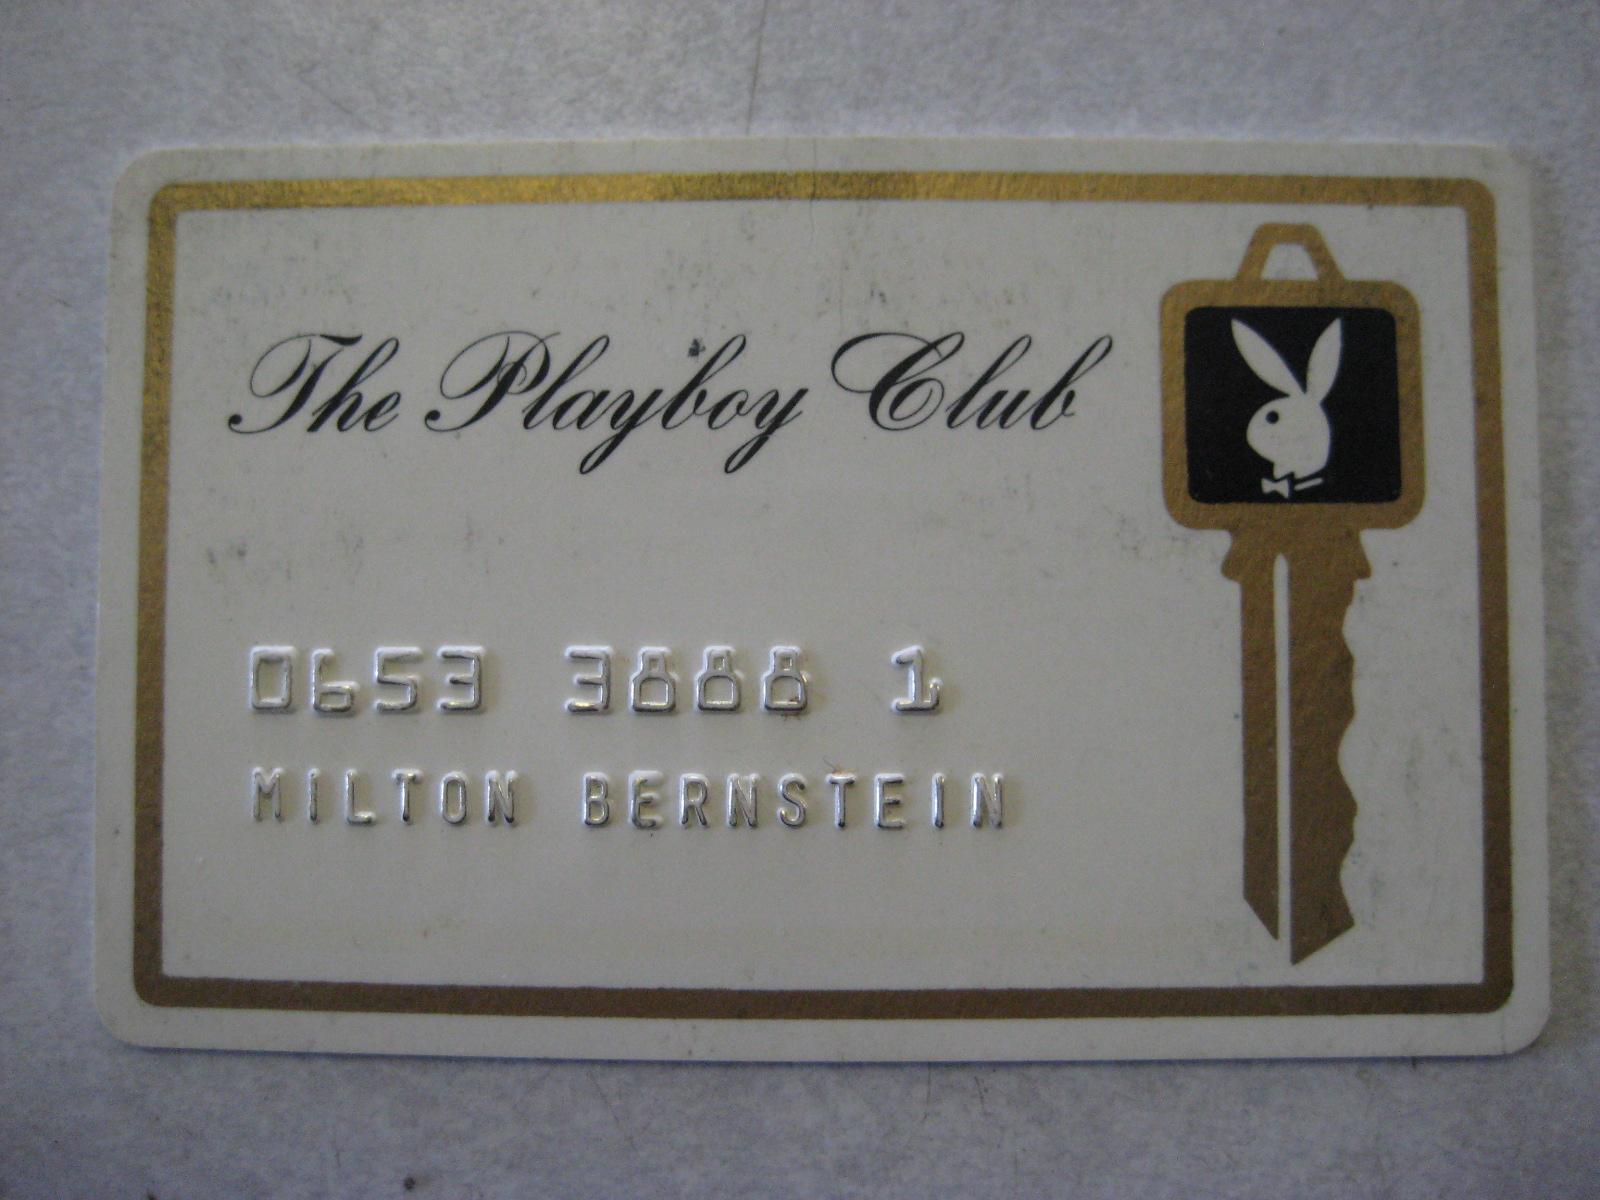 1st Playboy Club Plastic Card